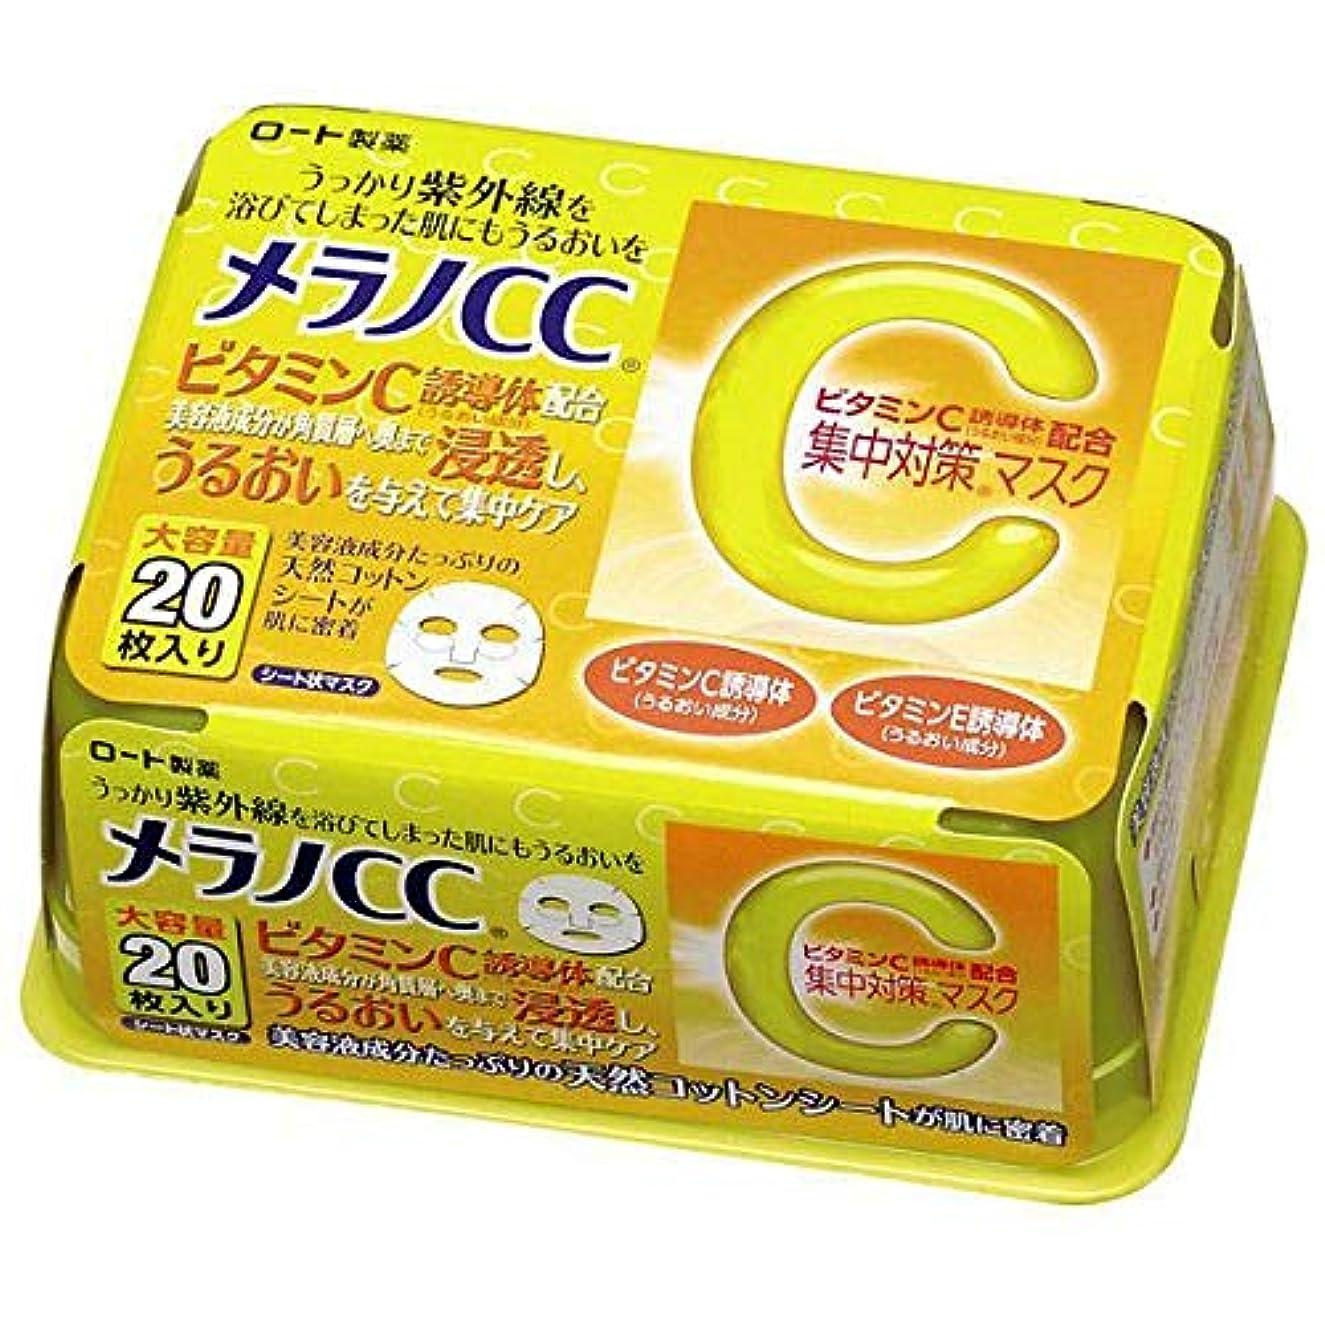 襲撃大きさモンク【お徳用】ロート製薬 メラノCC 集中対策マスク 20枚入 パック シートタイプ 大容量タイプ×24点セット (4987241135028)